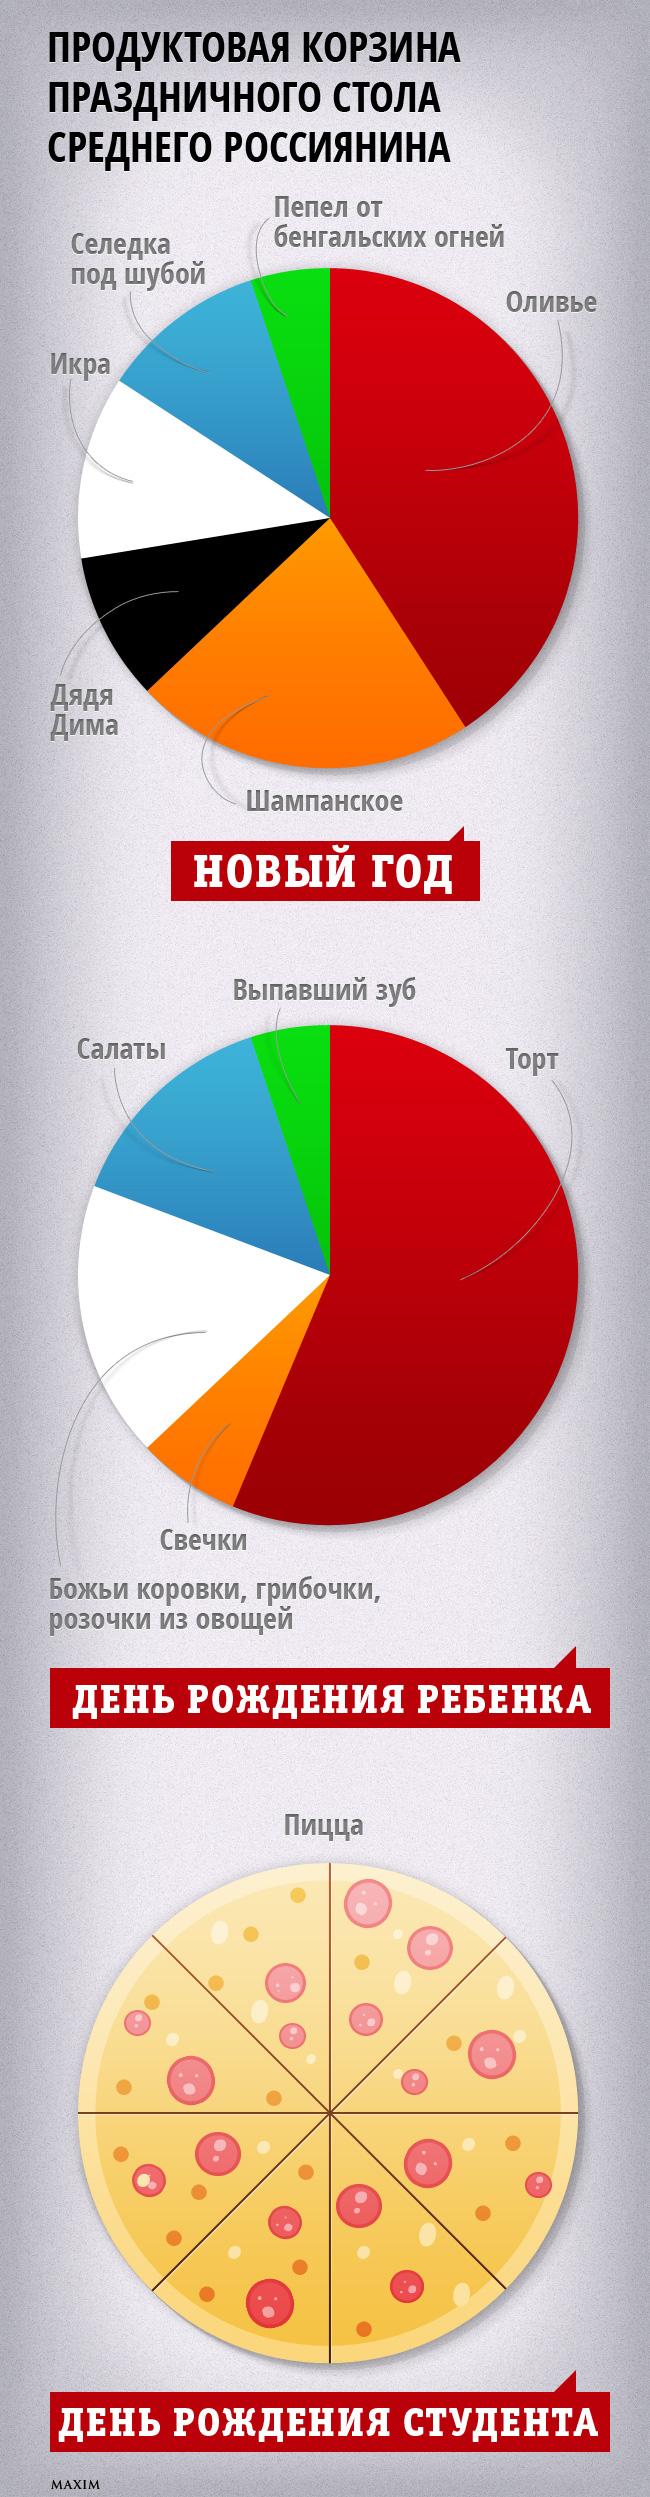 Продуктовая корзина  праздничного стола среднего россиянина